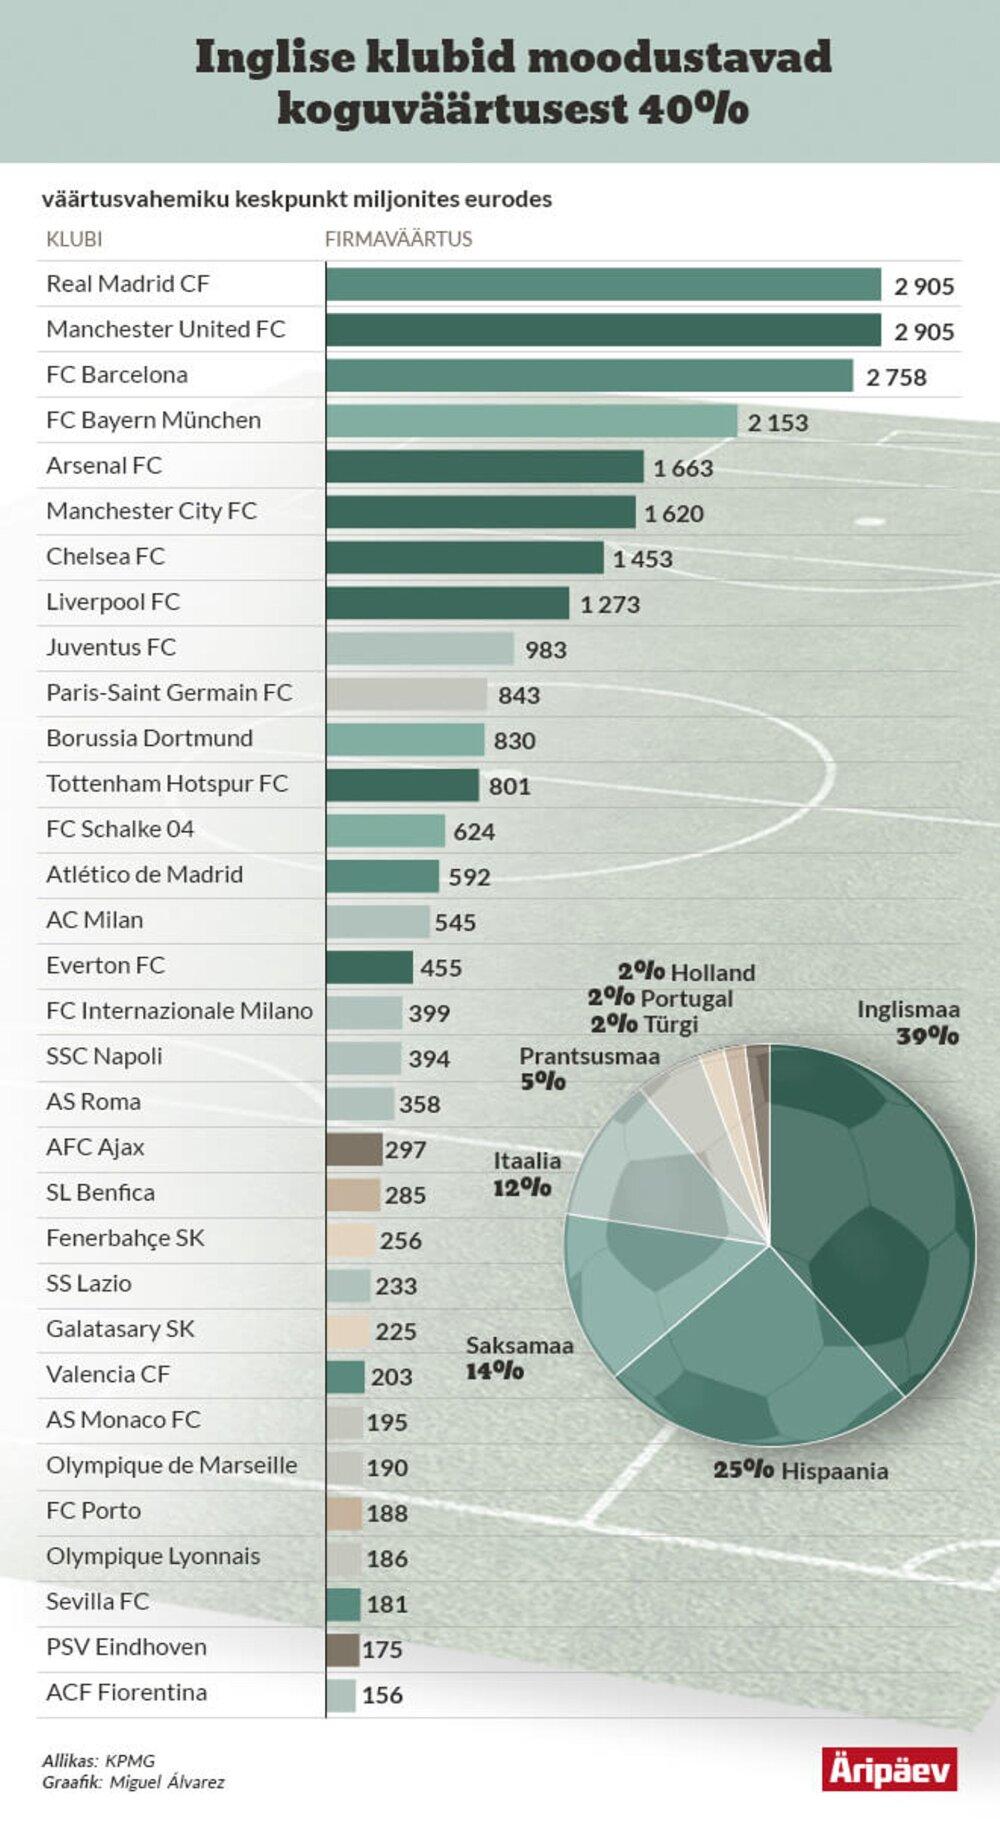 fb04a0ac51a Inglise Premier League'i kodumaised teleõigused, mille hind on 2,4  miljardit eurot hooaja kohta, mõjutavad oluliselt Inglise klubide väärtust.